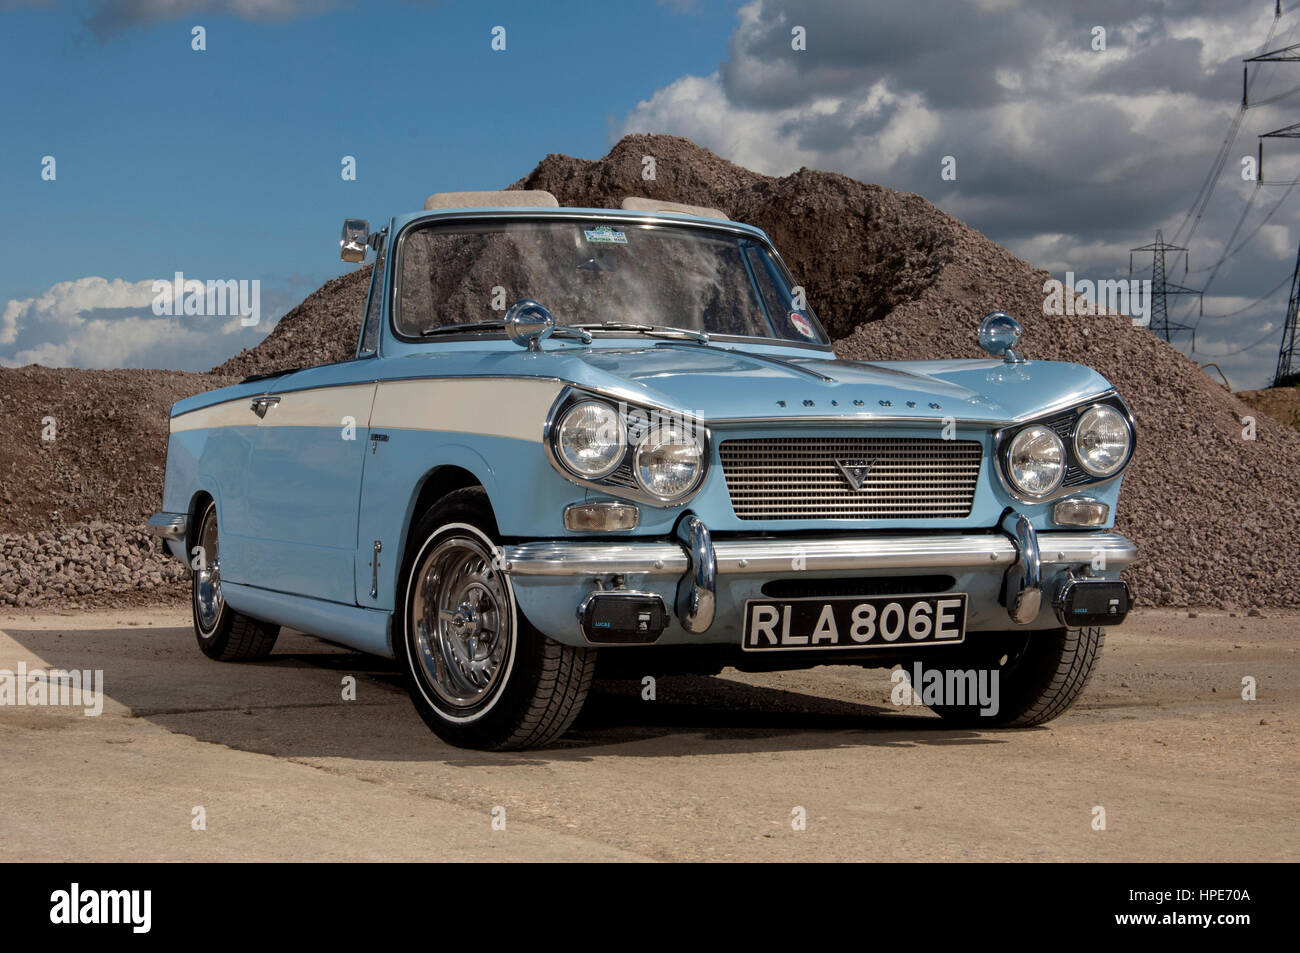 TRIUMPH Herald Pubblicità metallo segno Vintage British automobili. British Classic Cars